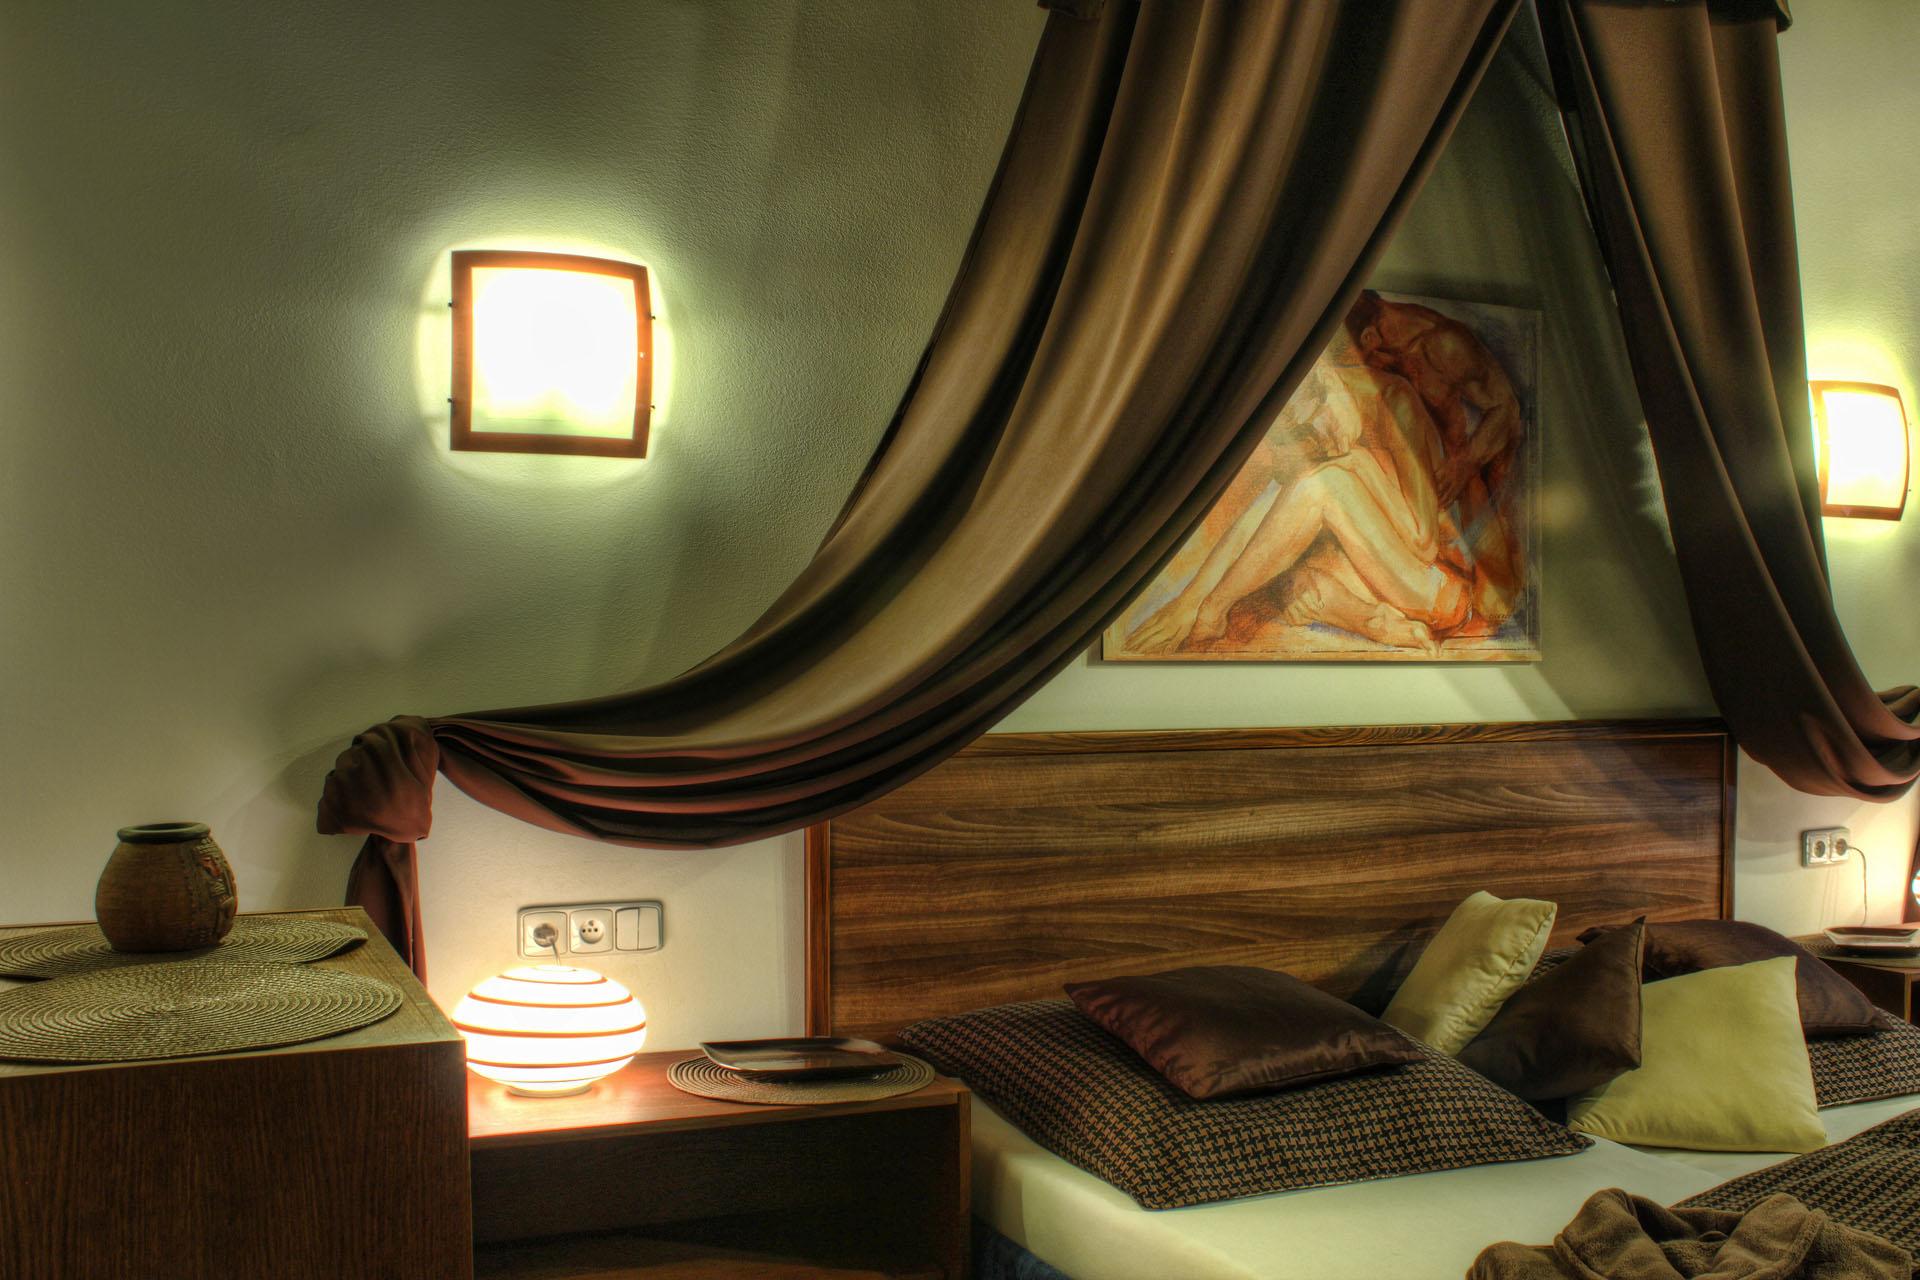 Manželská postel s nočními stolky, skříňkou a originálem obrazu v romantickém osvětlení v pokoji Rafaela